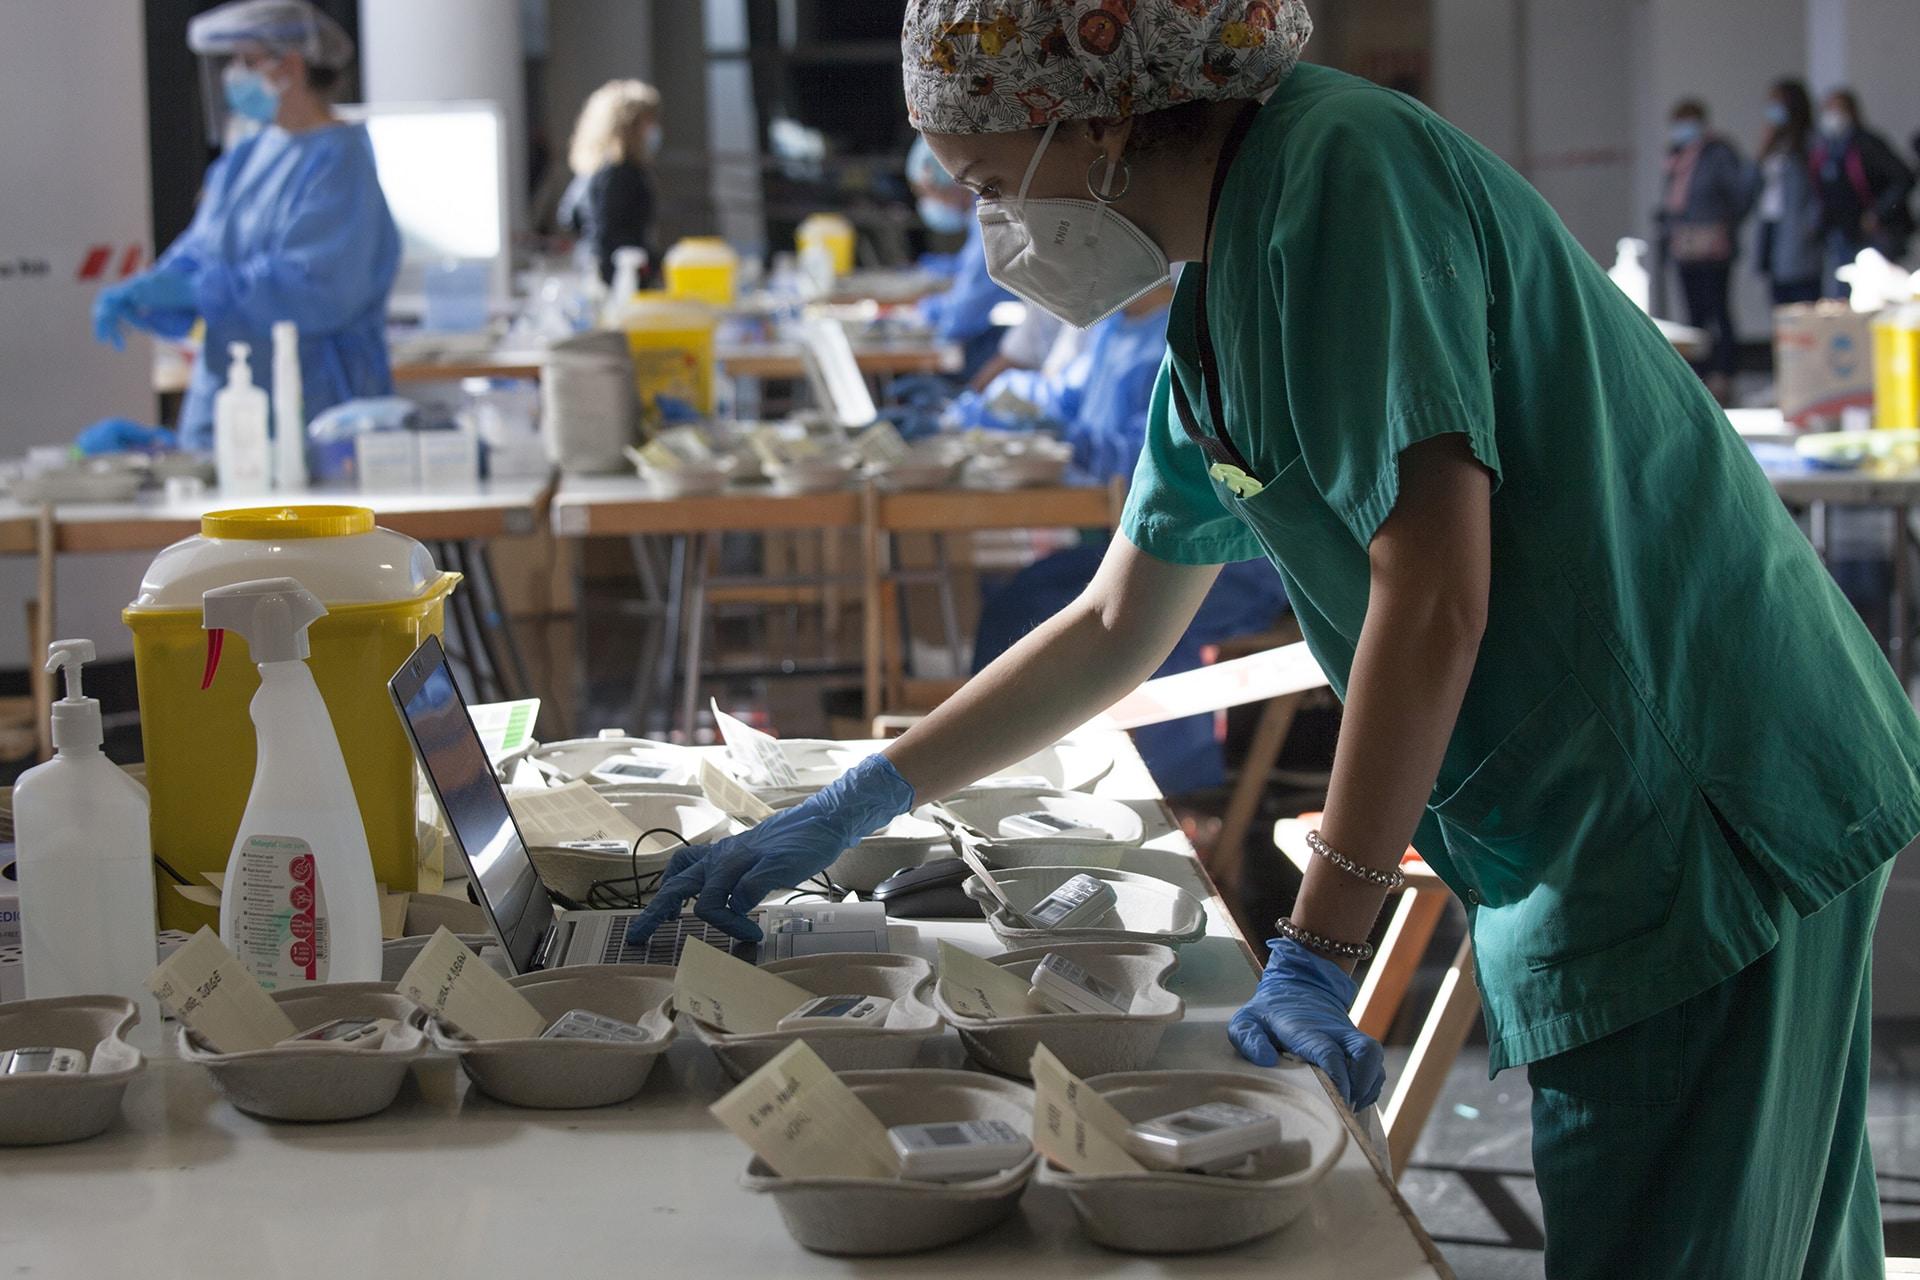 Salud supera las 7.800 pruebas en el cribado dirigido para la detección de la COVID-19 en Logroño 1